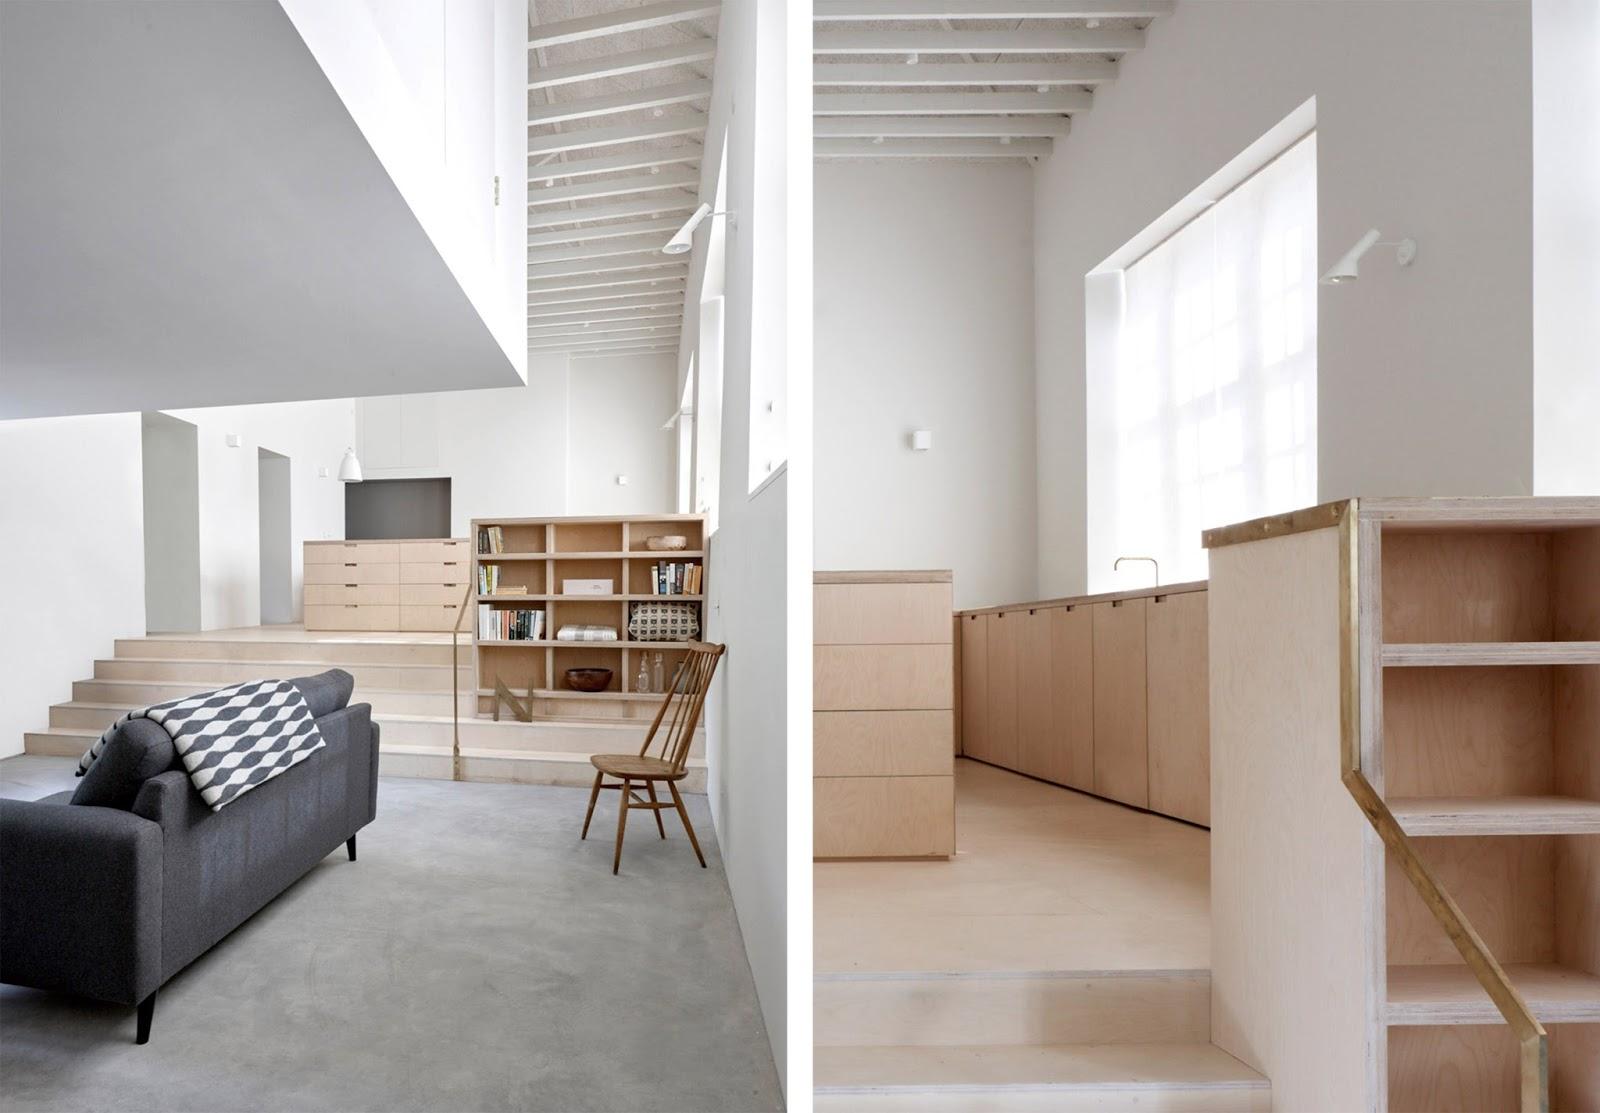 Loft con camera soppalco e cucina su misura by mclaren - Cucina con soppalco ...